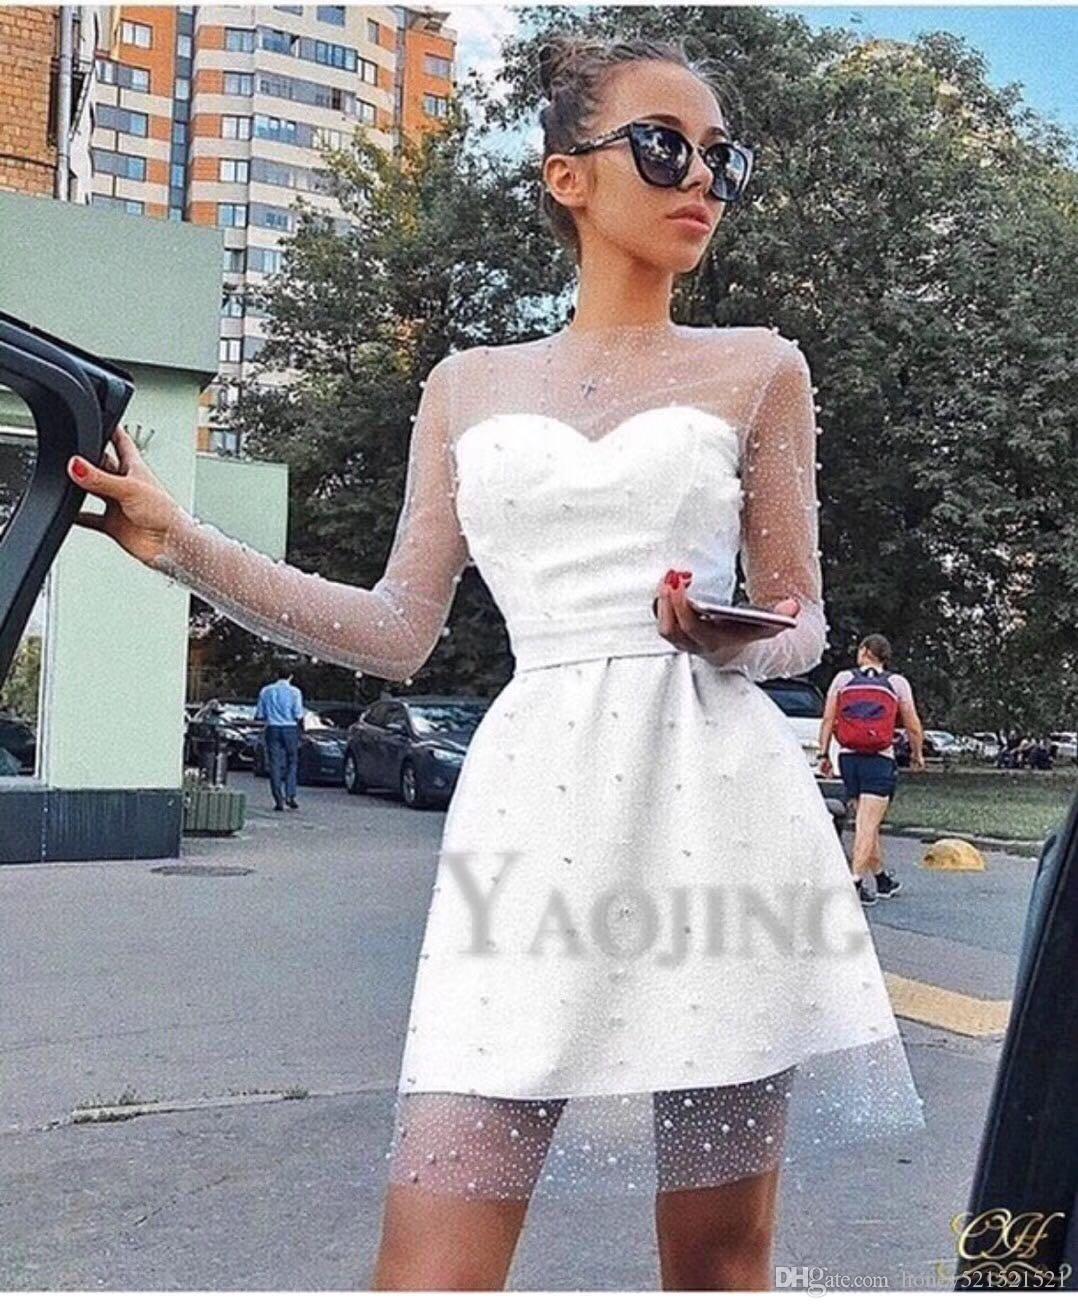 2020 تصميم الأزياء الفرنسي إمرأة جديد س الرقبة منظور مثير الشاش طويلة الأكمام الديكور عالية الخصر ثوب حزب ثوب الكرة vestidos SML